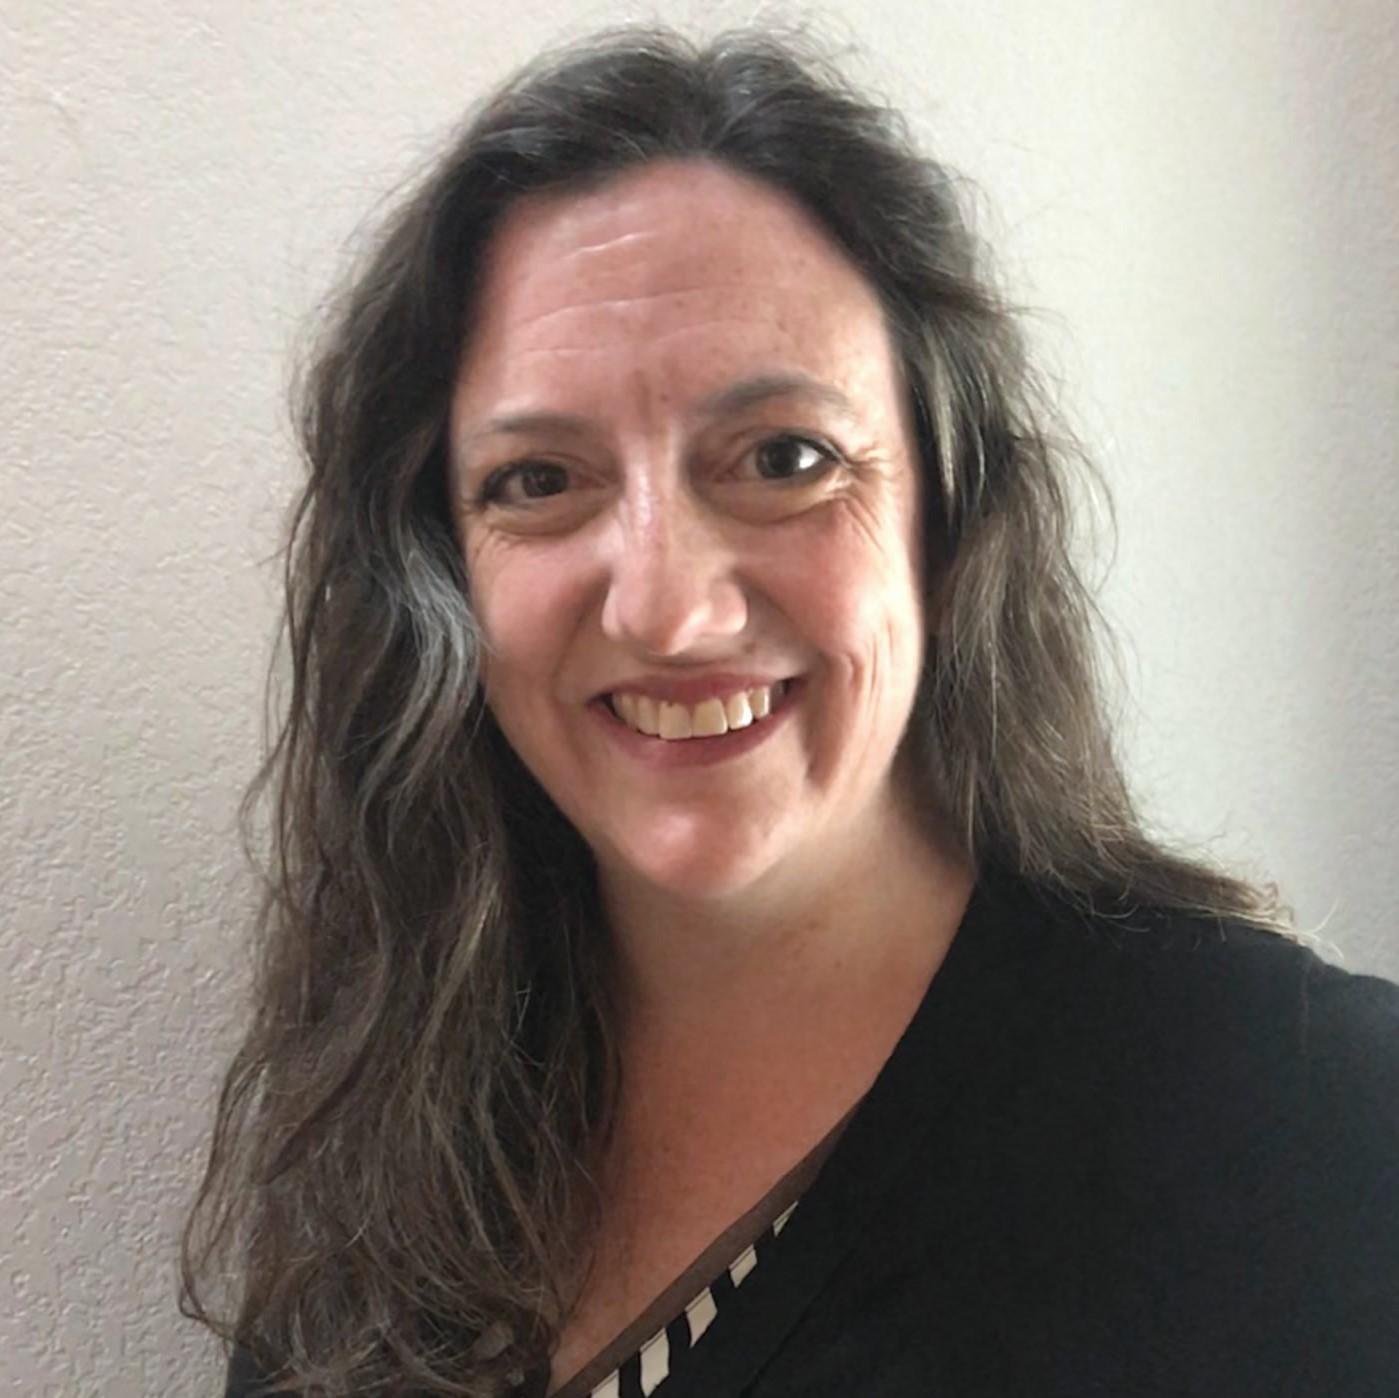 Sara Betnel